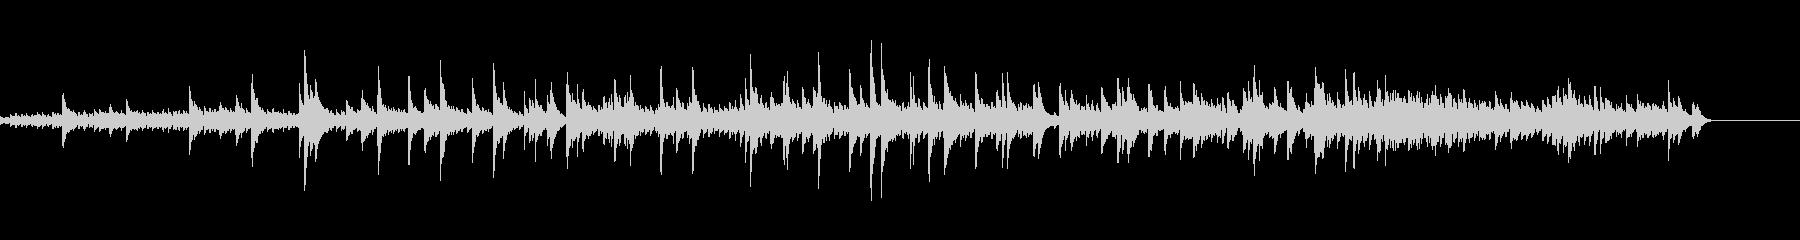 小川のせせらぎのような流れるピアノ曲の未再生の波形